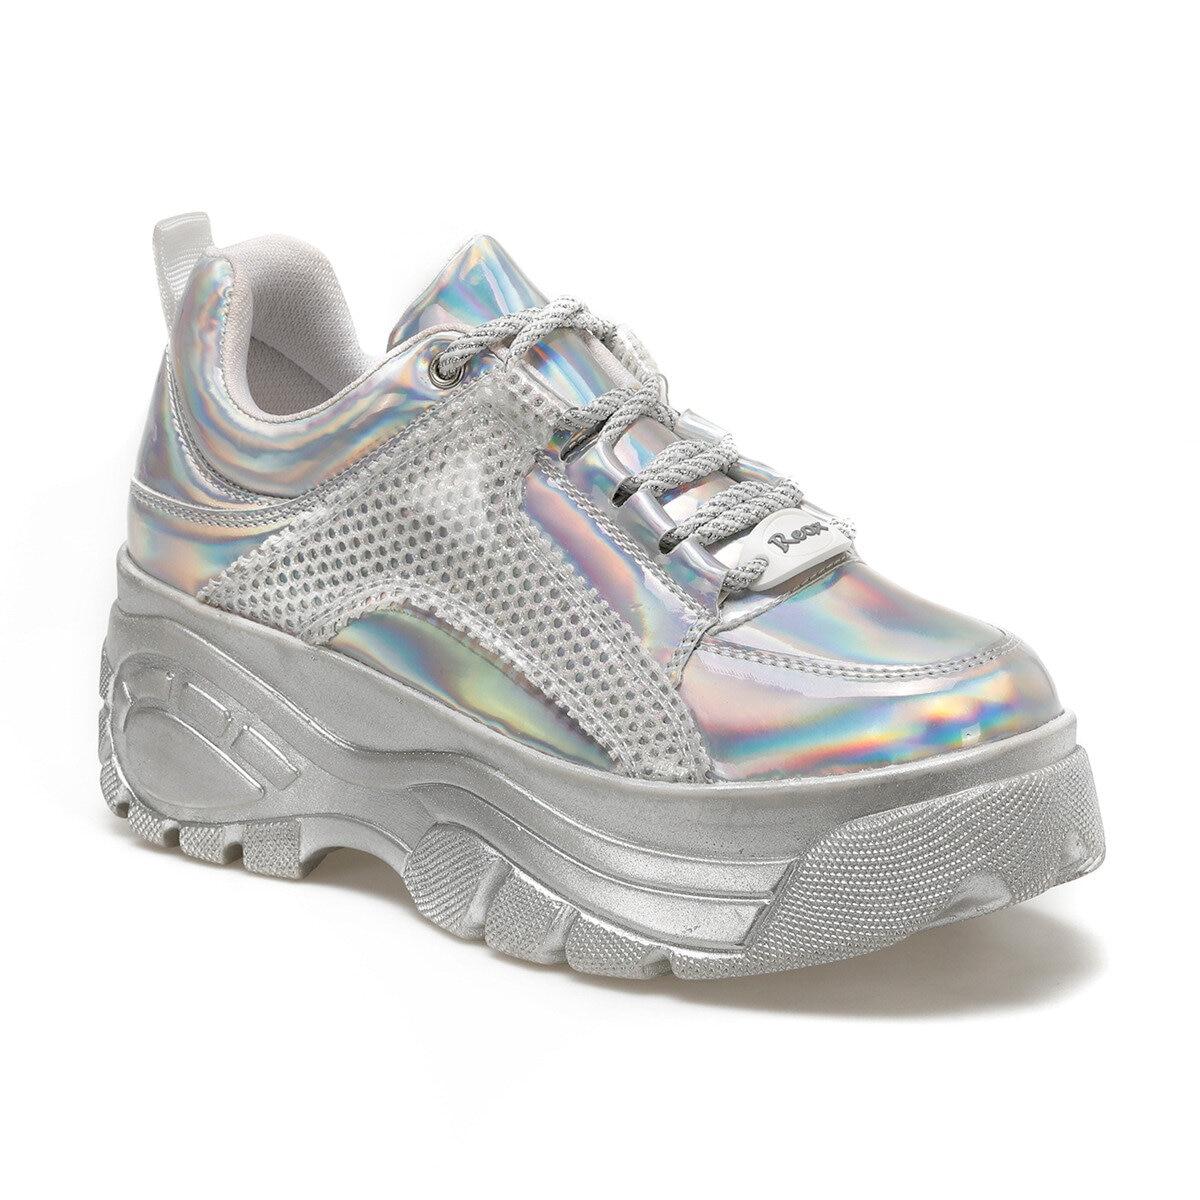 FLO 20S-499 Silver Women 'S Sneaker Shoes BUTIGO